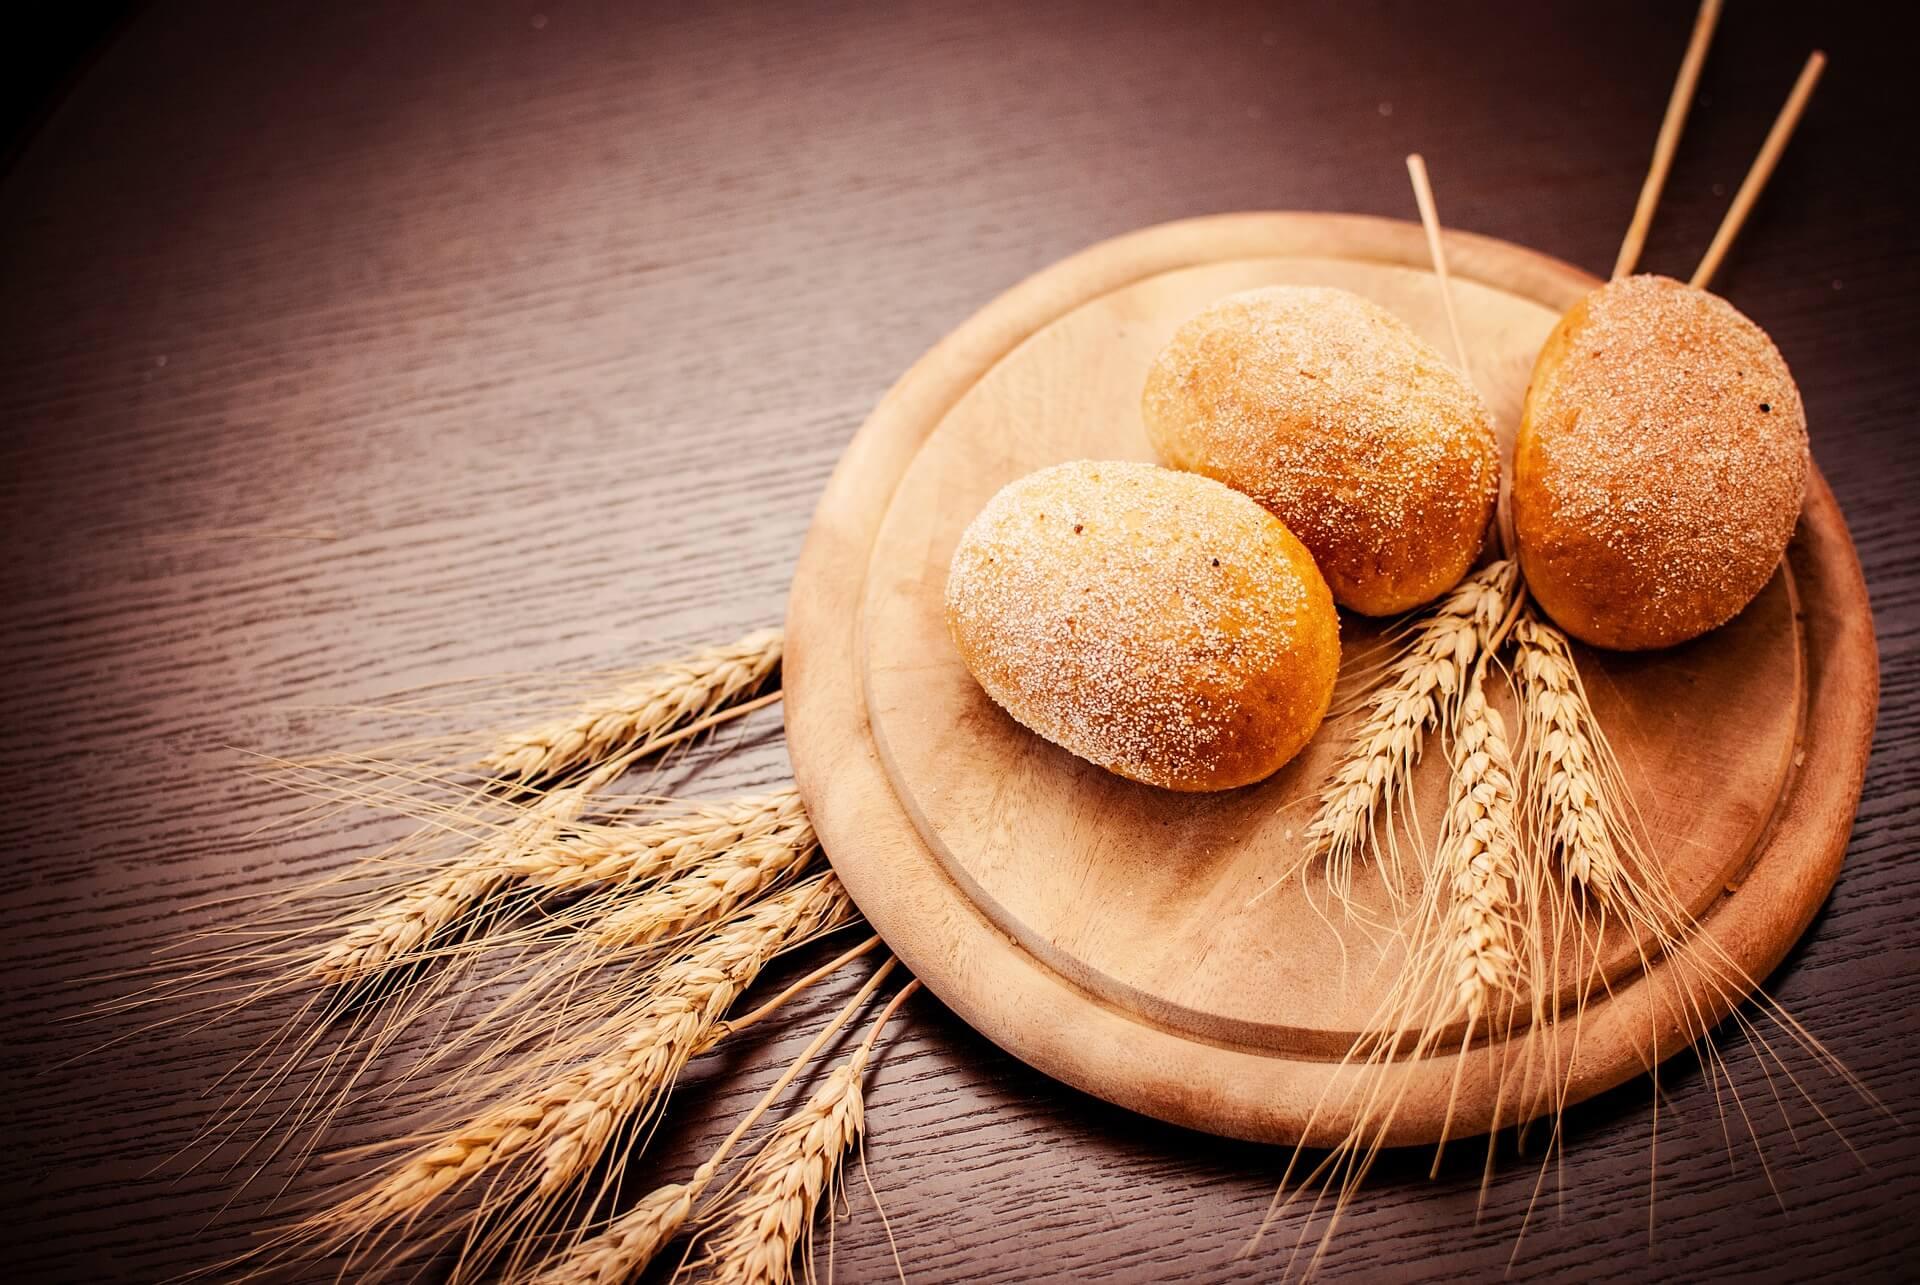 パン屋開業は初期費用が高額って本当!? パン屋を開業するための基礎知識